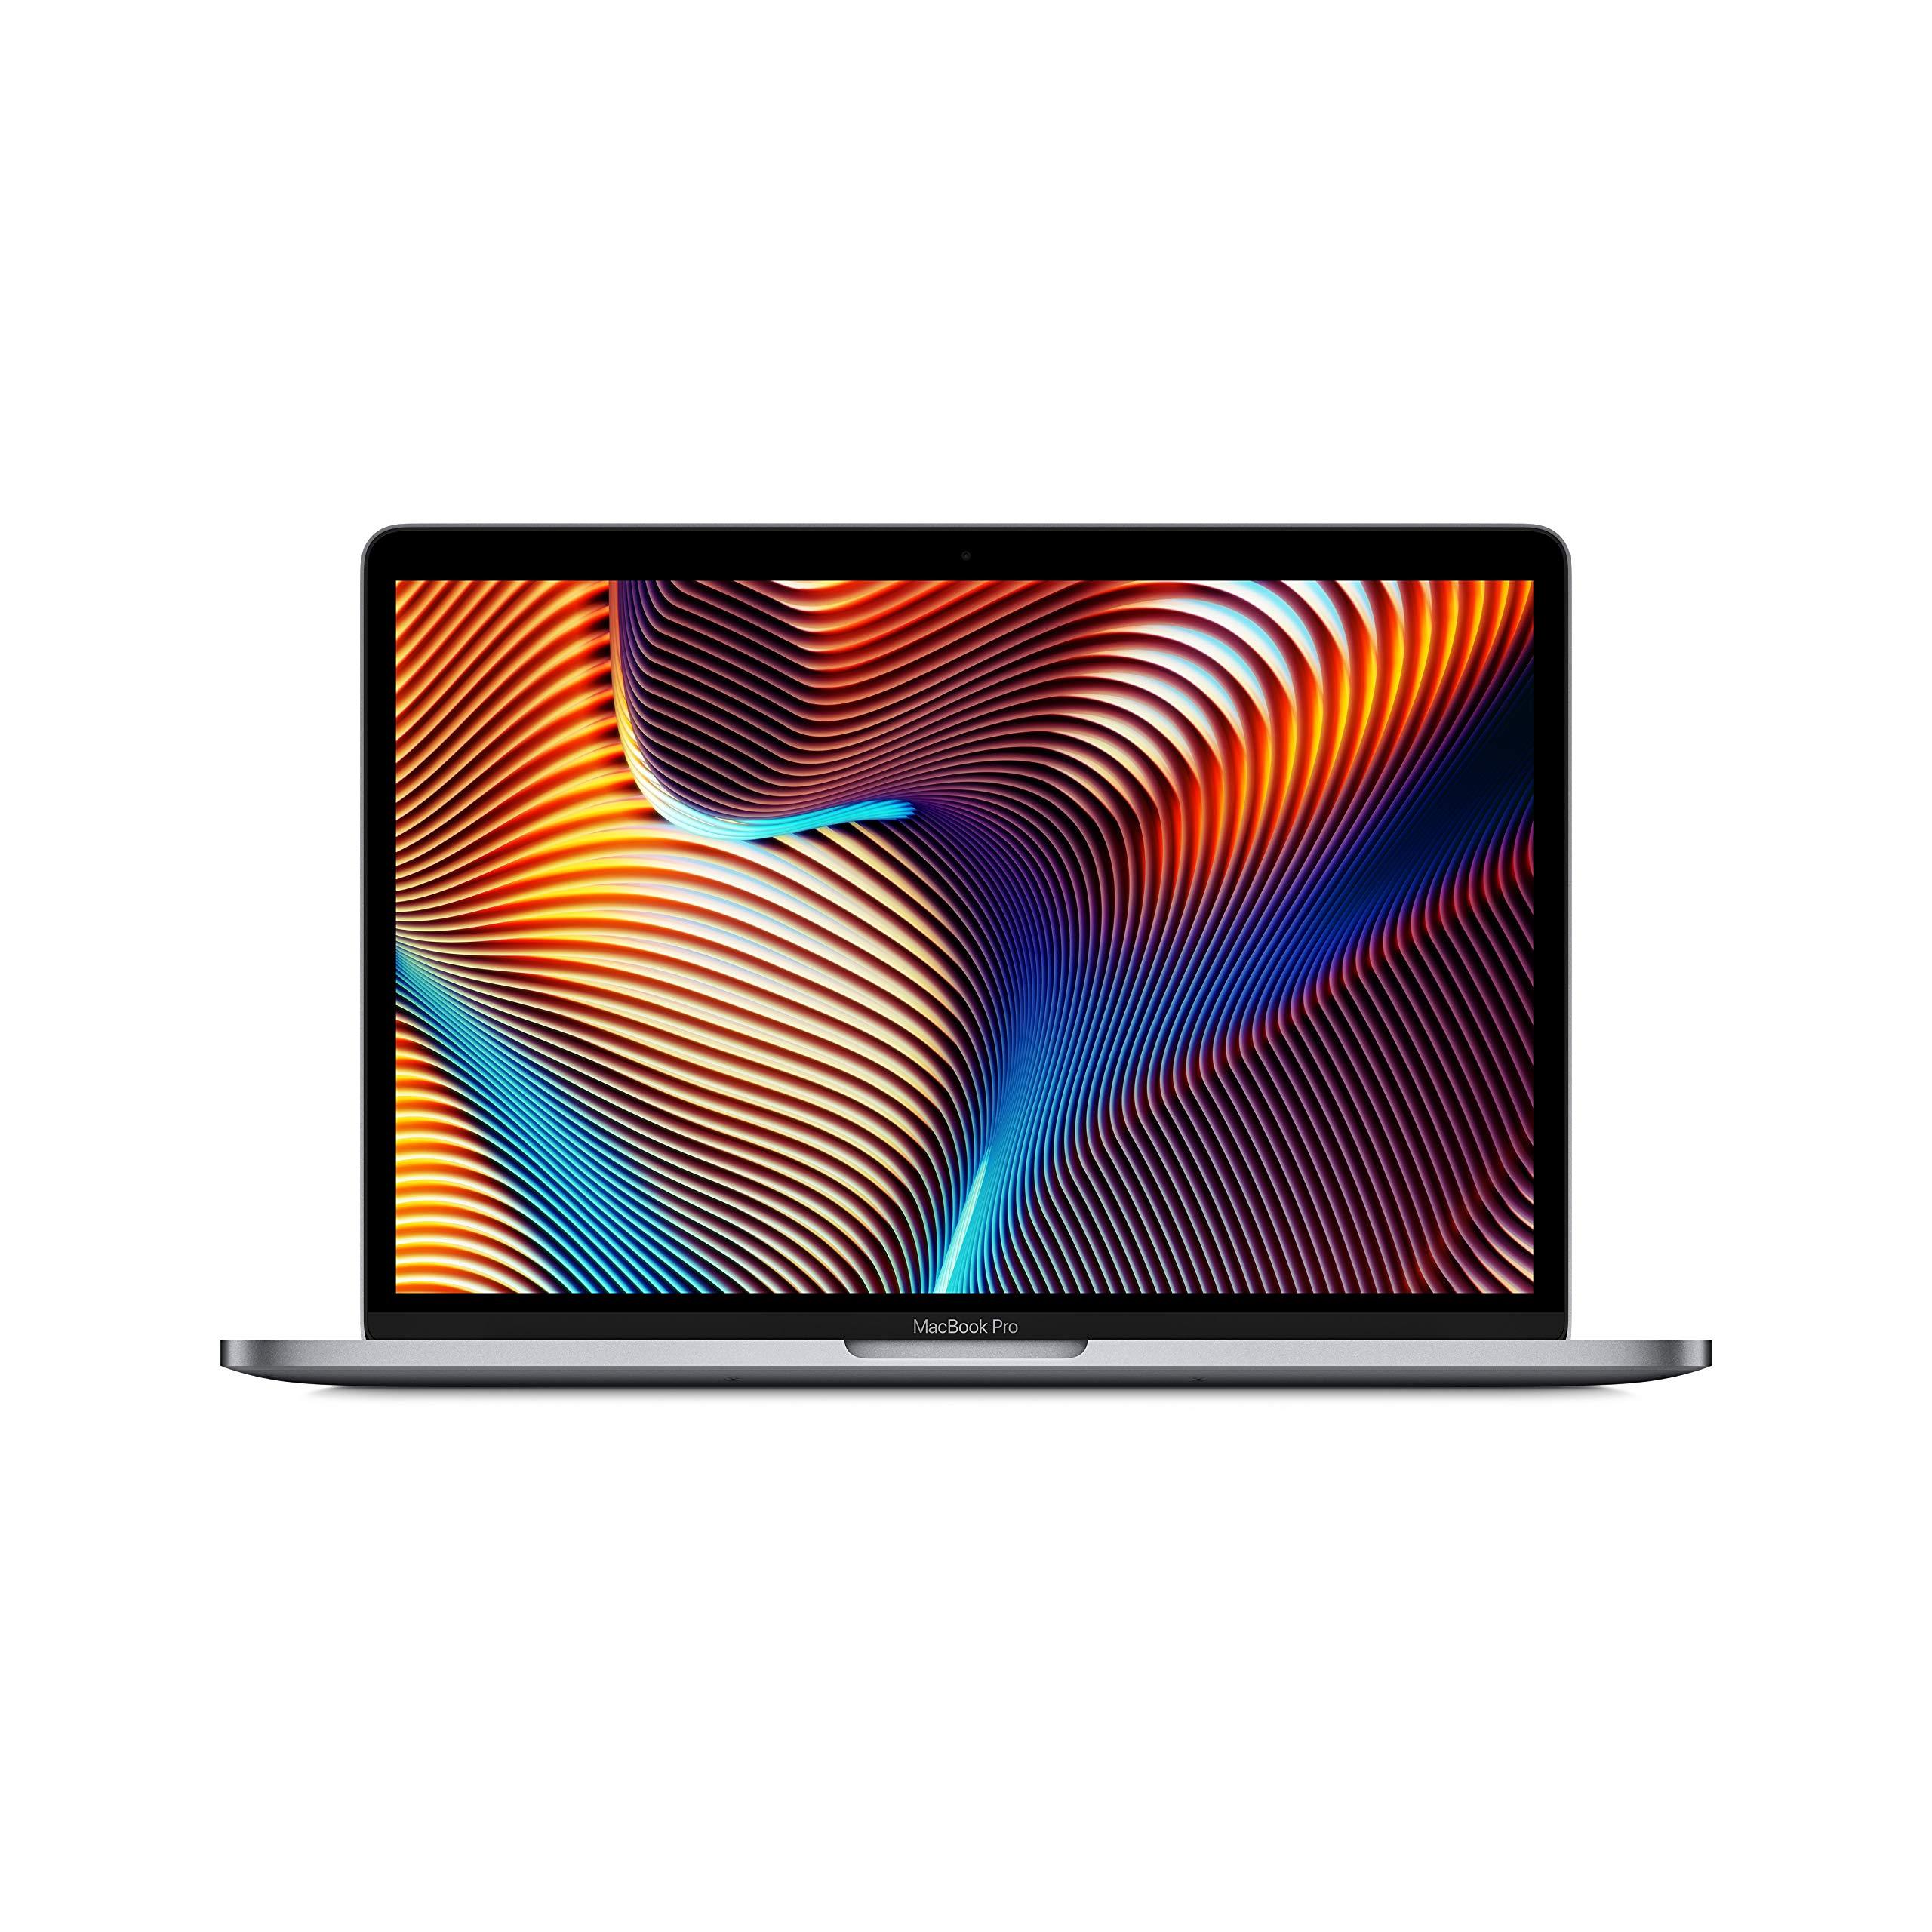 Apple MacBook Pro 2019 retina et touchbar 13 pouces